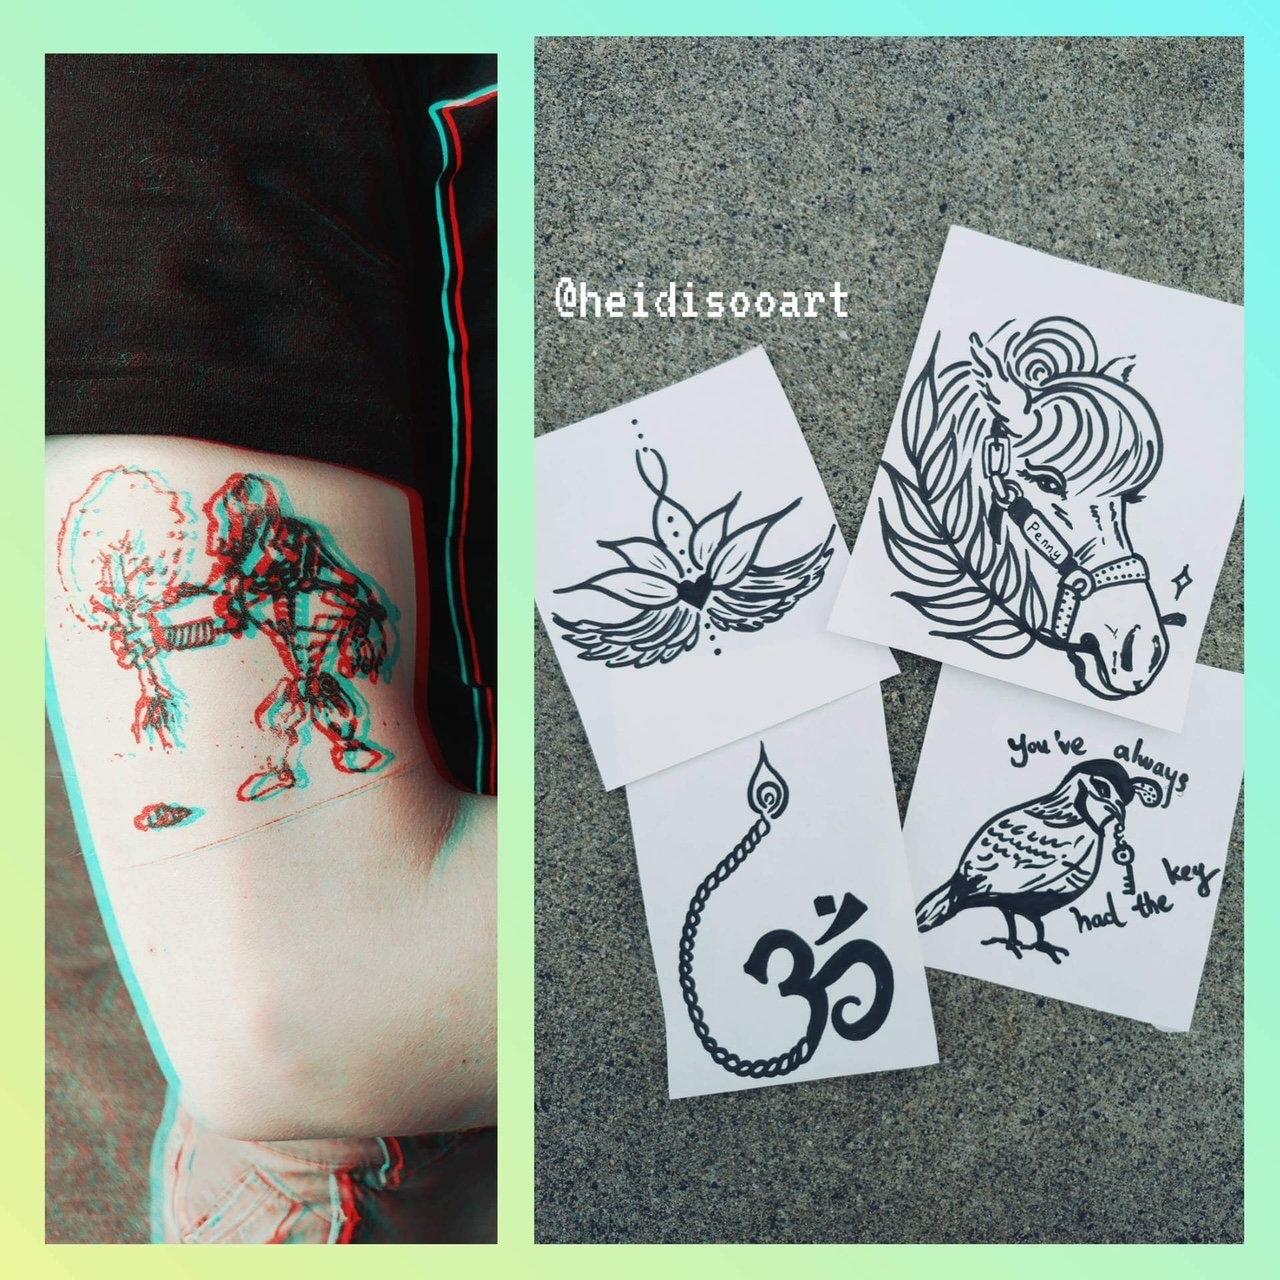 Faux Tattoo Workshop -Aug 7 Sat 12-3PM